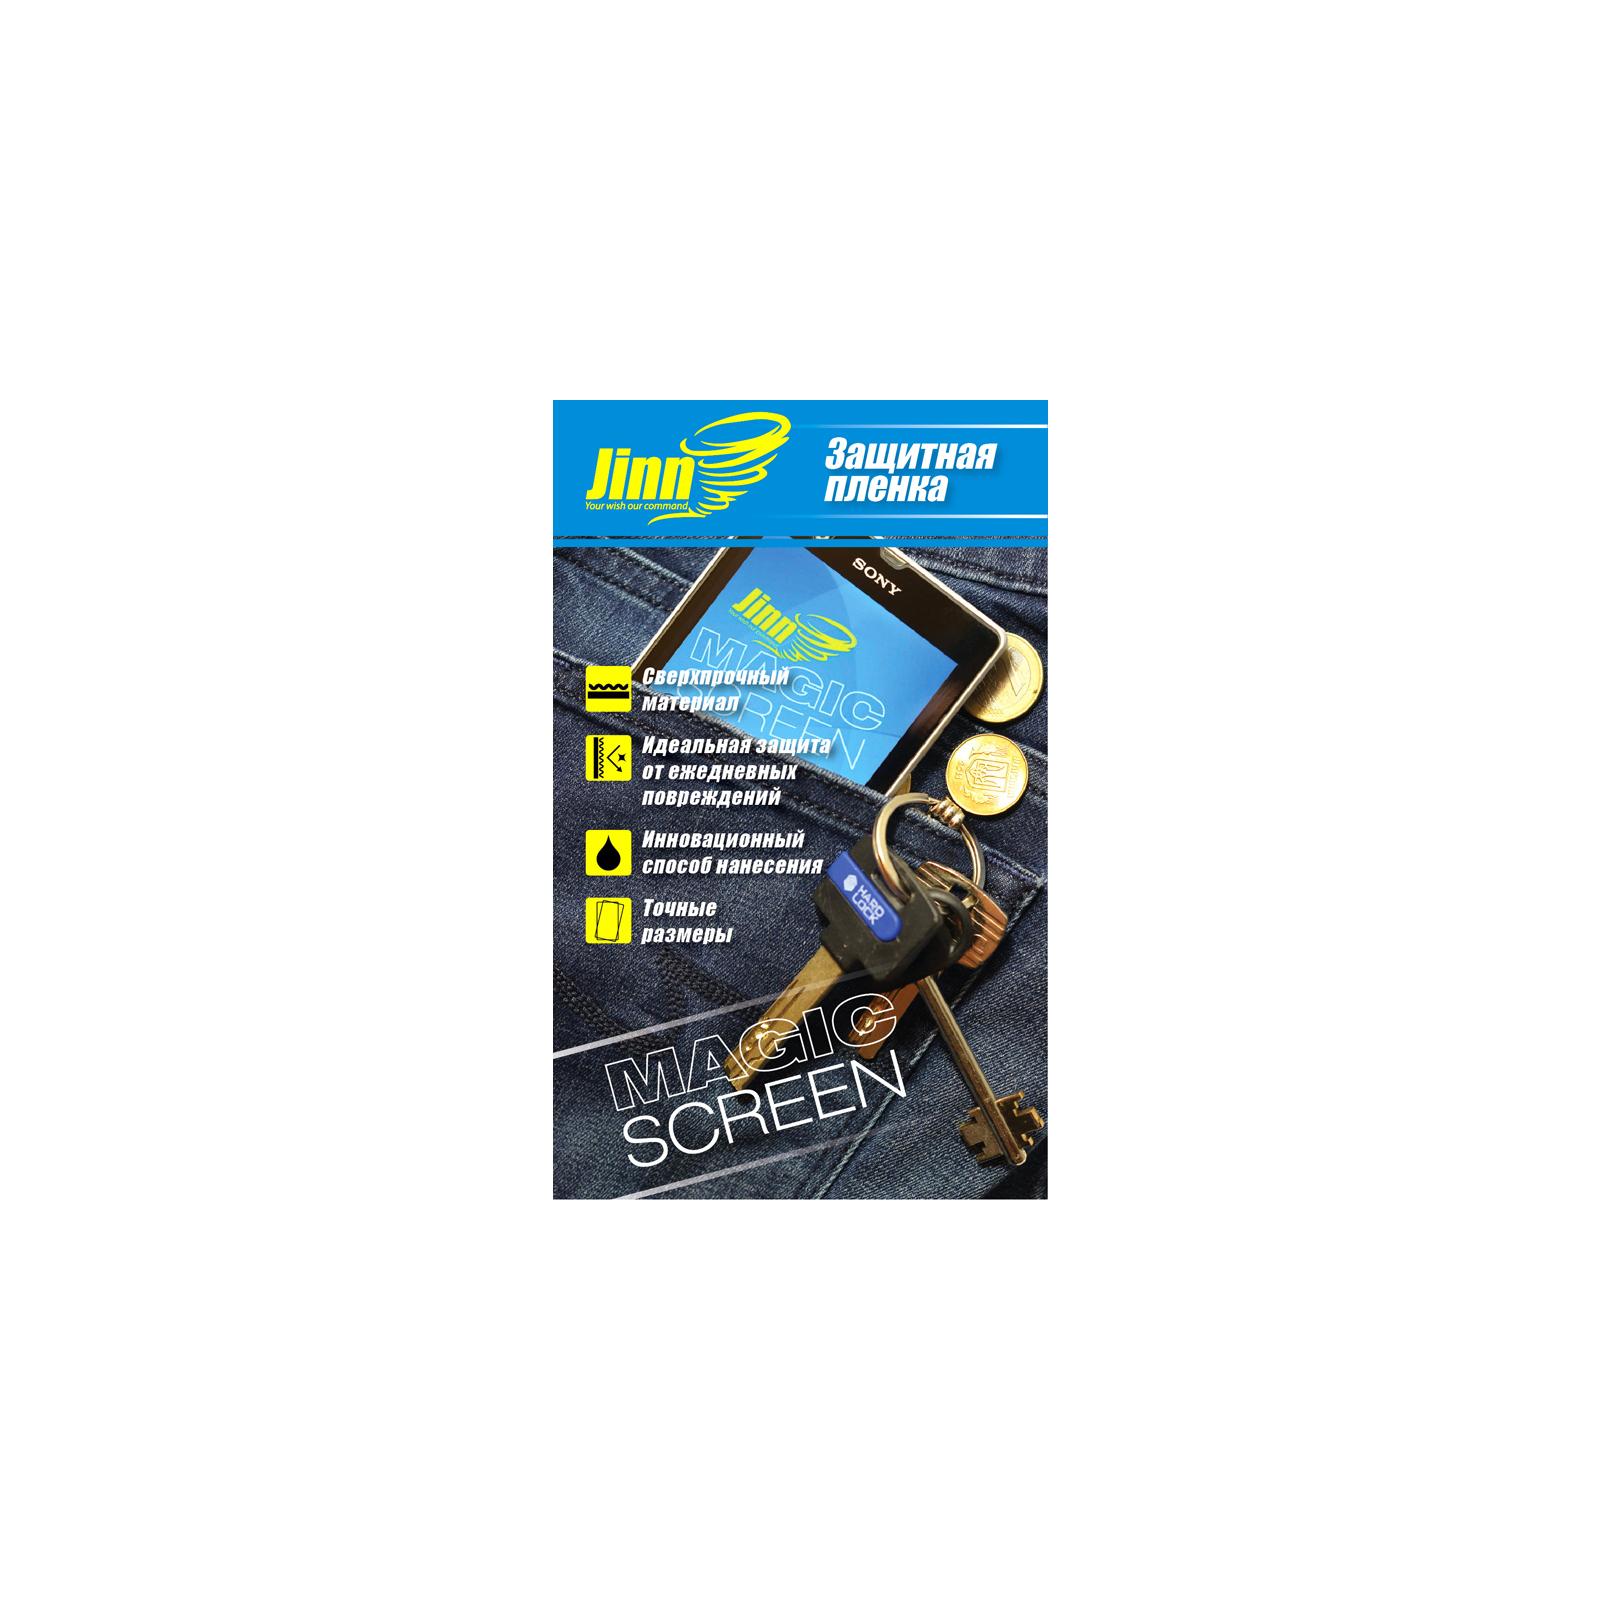 """Пленка защитная JINN надміцна Magic Screen для Samsung Galaxy Mega 5.8"""" i9150 (за (Samsung Galaxy Mega 5.8"""" front)"""